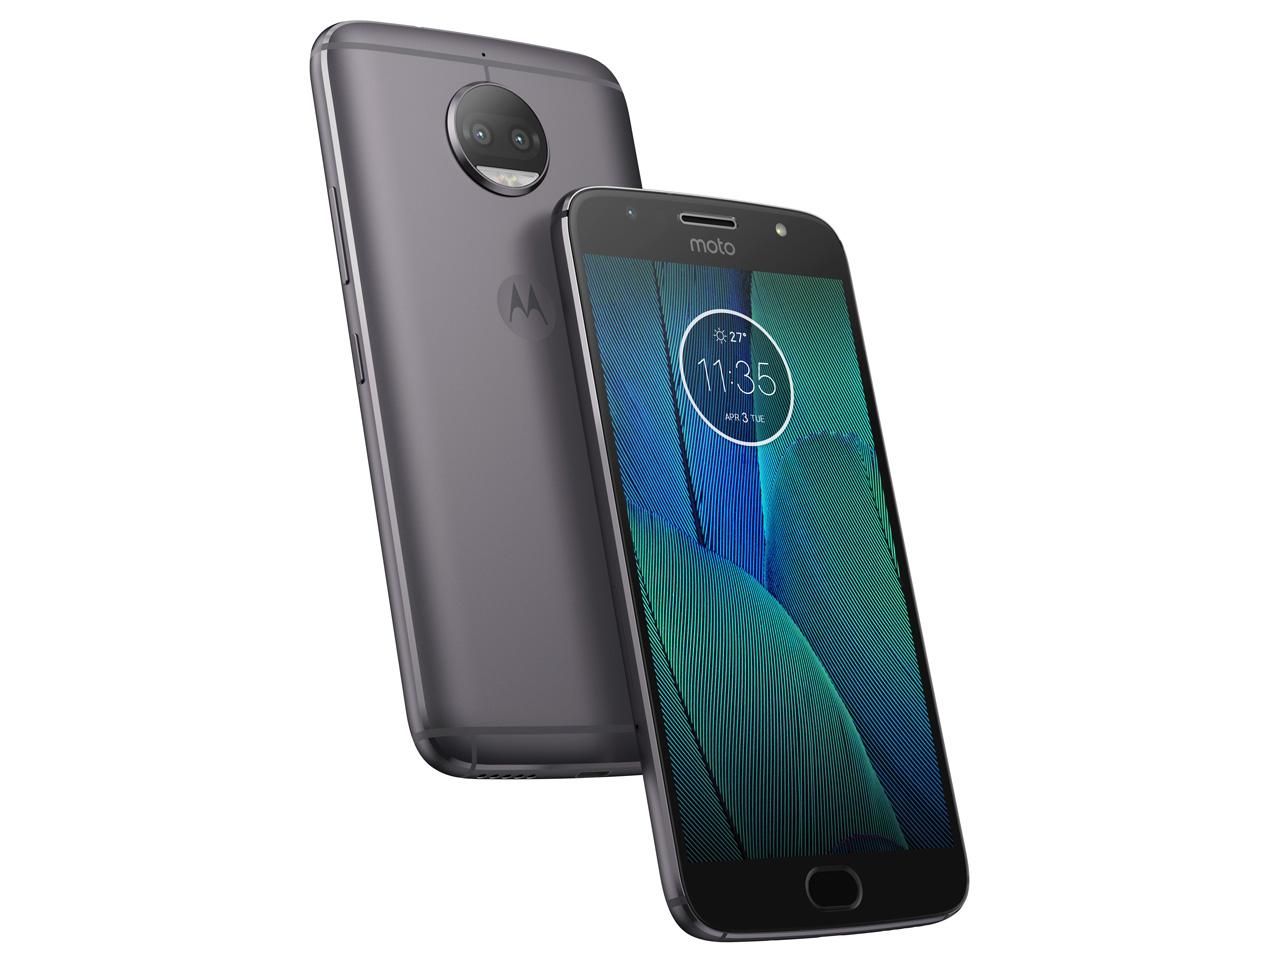 アマゾンがモトローラが5.5型Androidスマートフォン「Moto G5S Plus」を28310円でセール中。